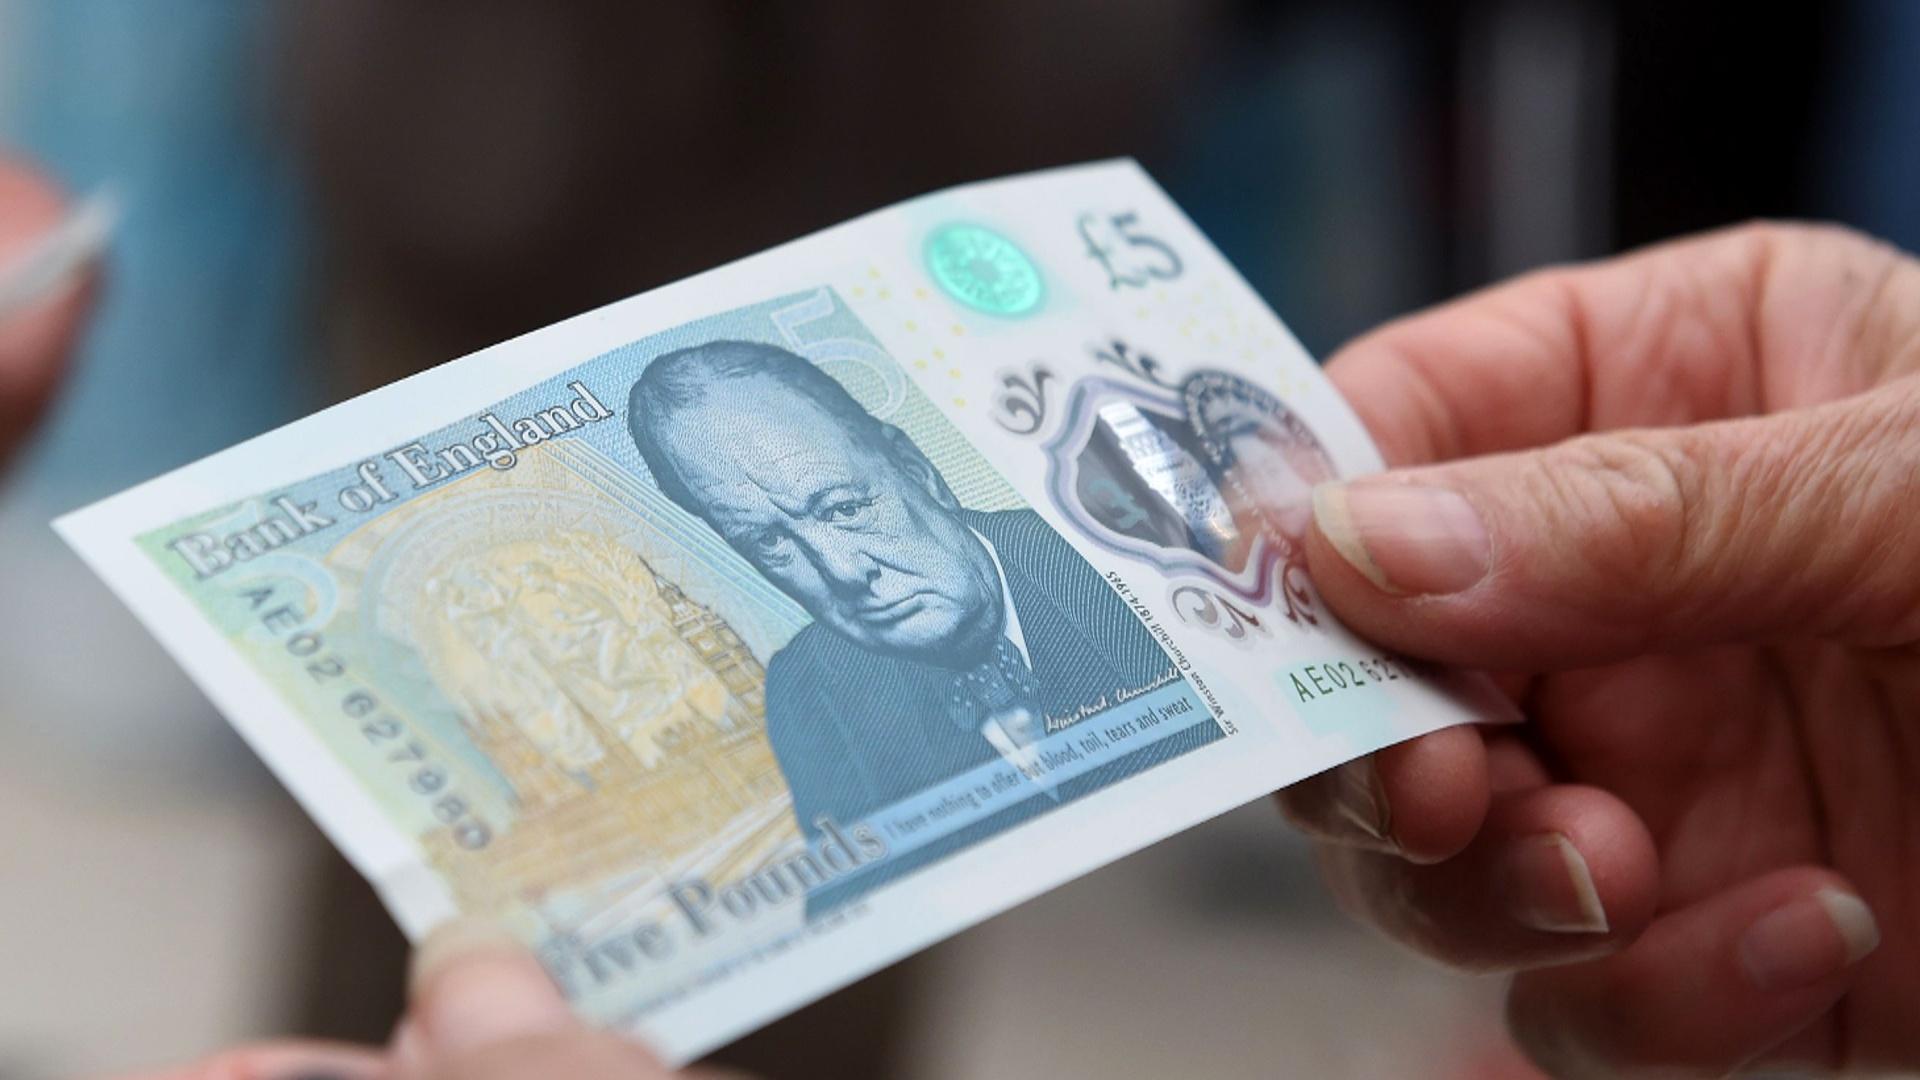 Банк Англии выпустил в обращение первую пластиковую банкноту